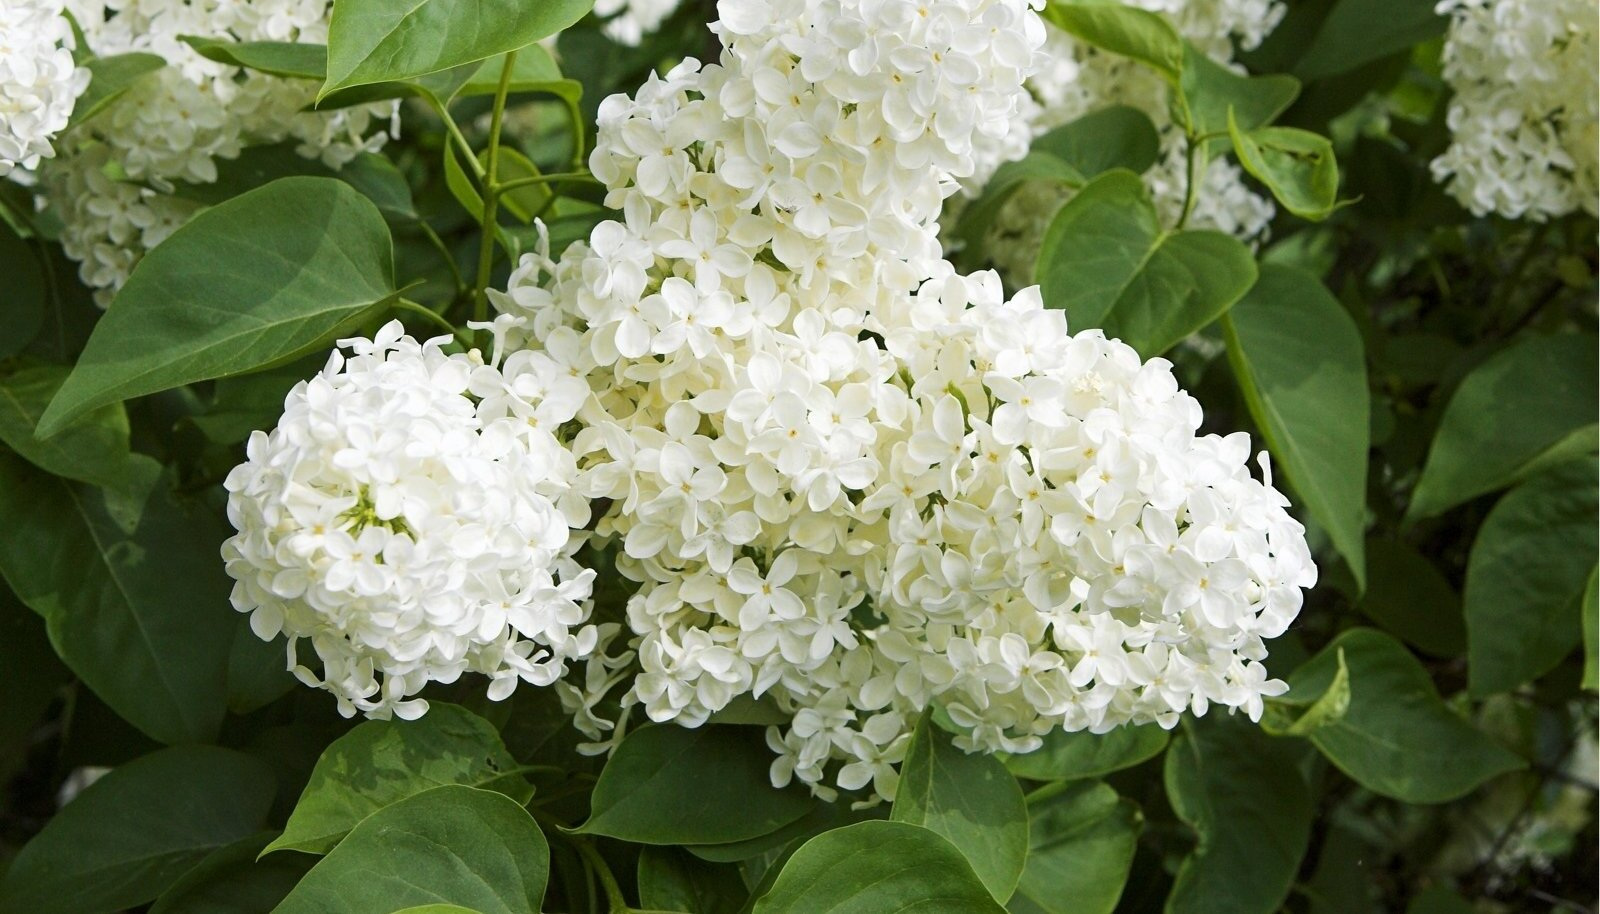 Lopsakad valged sireliõied lisavad aeda romantikat.